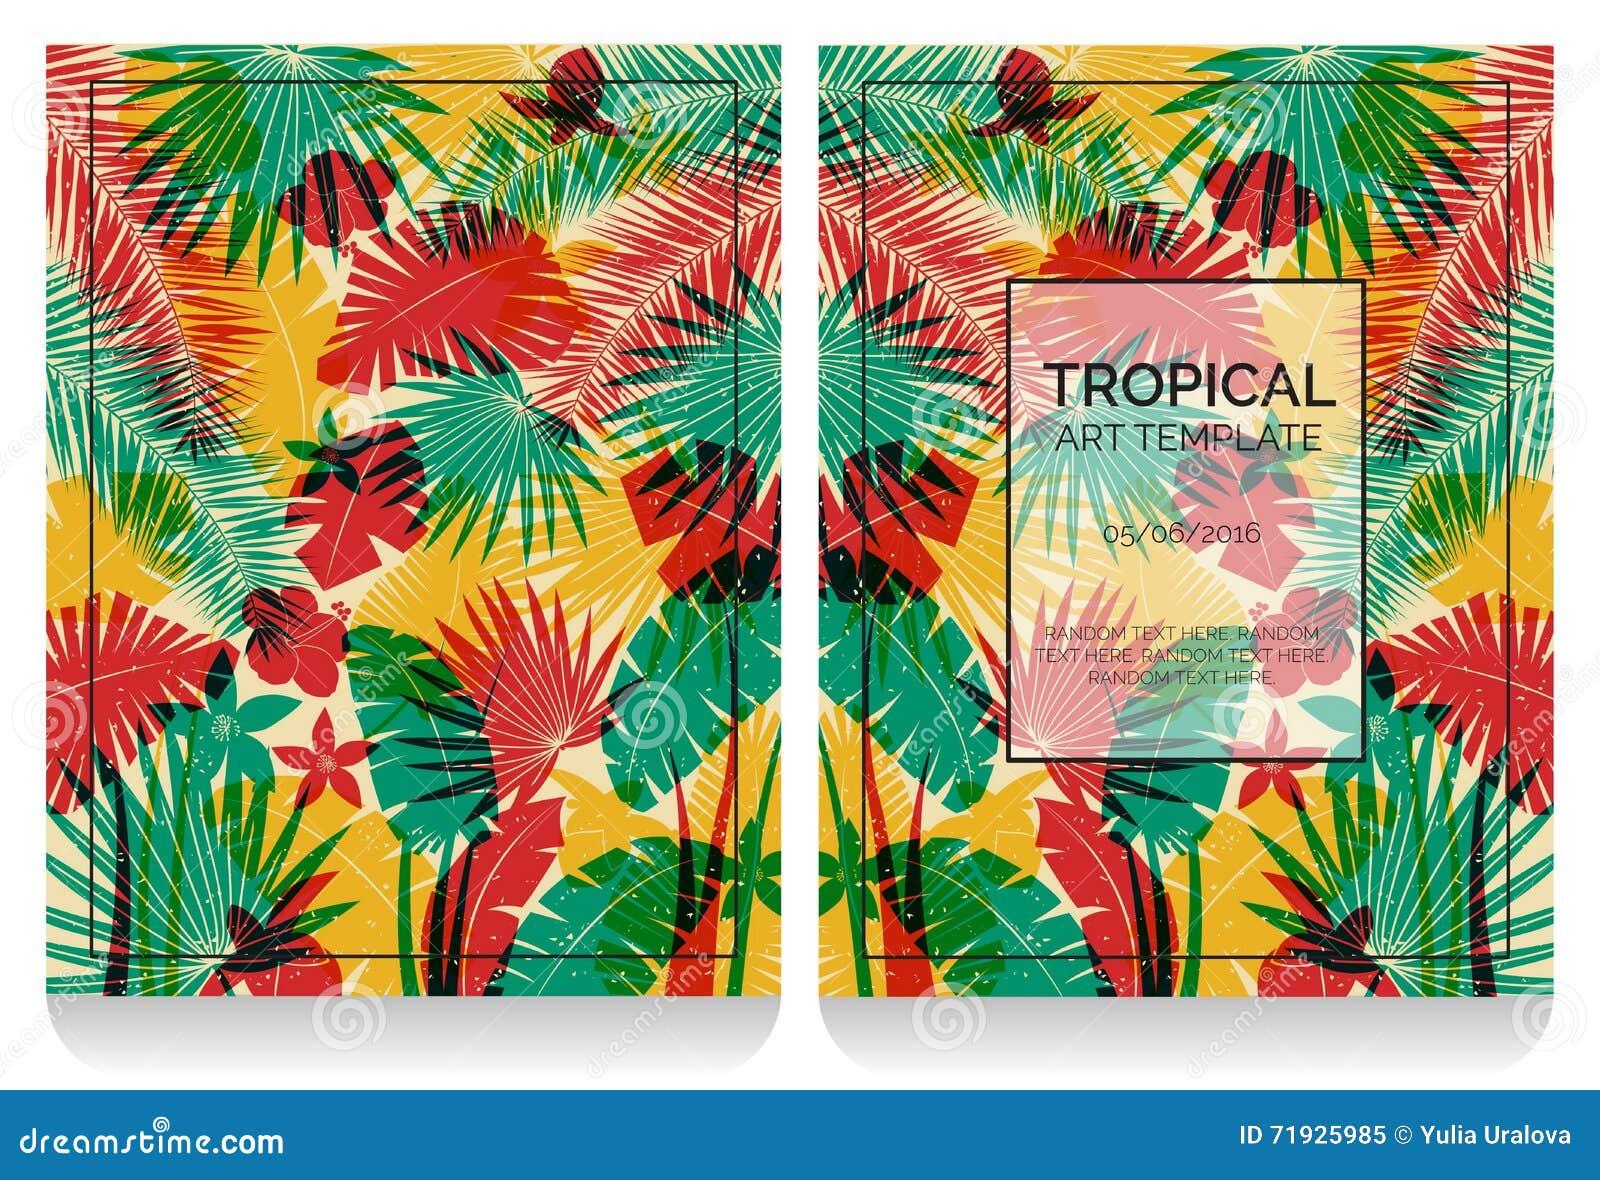 Тропическая иллюстрация джунглей влияния печати смещения